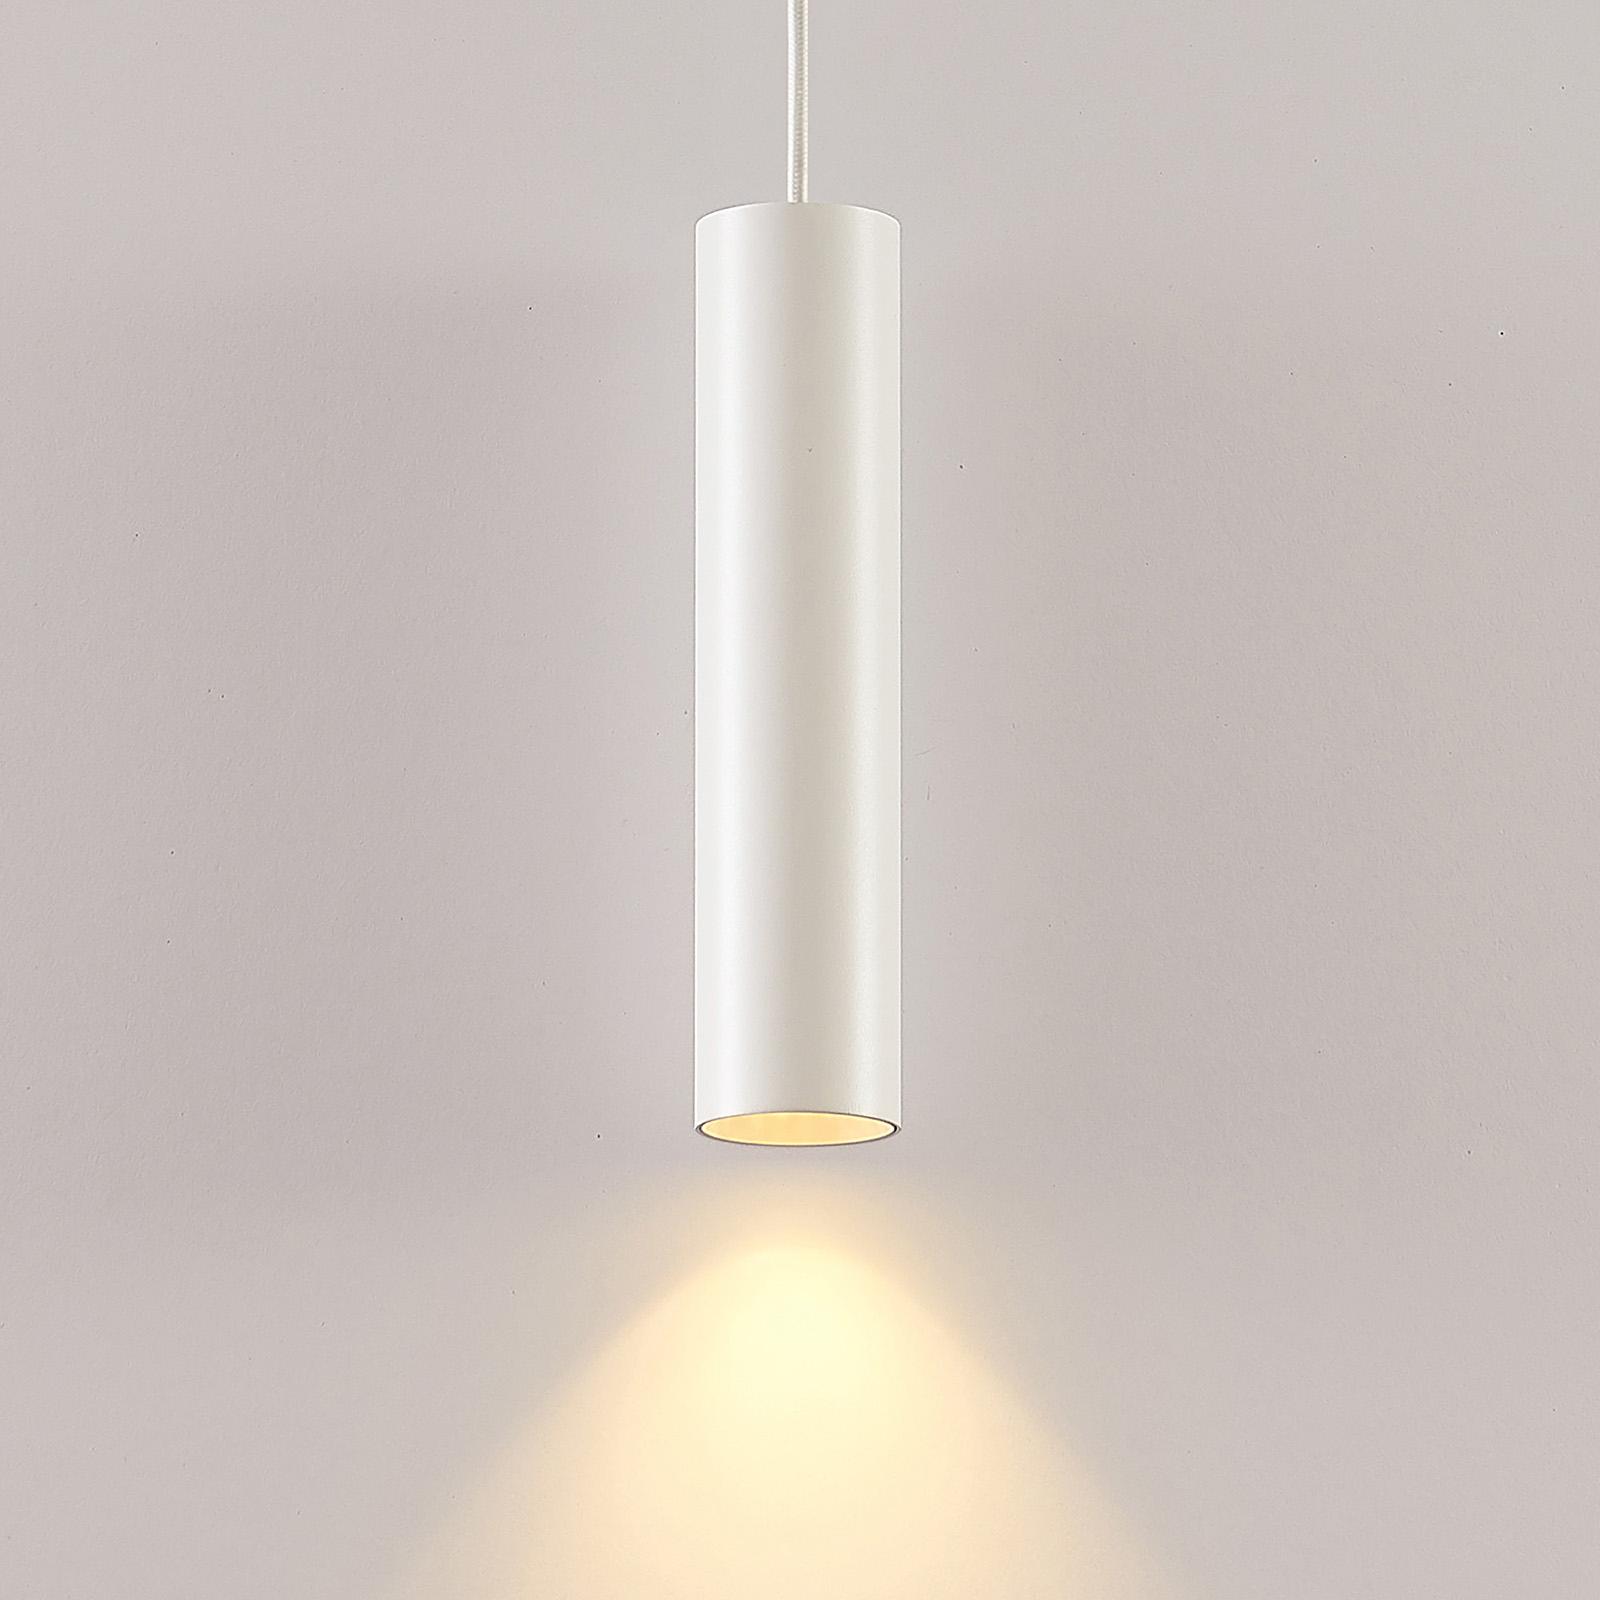 Arcchio Ejona lampa wisząca, wysokość 27 cm, biała